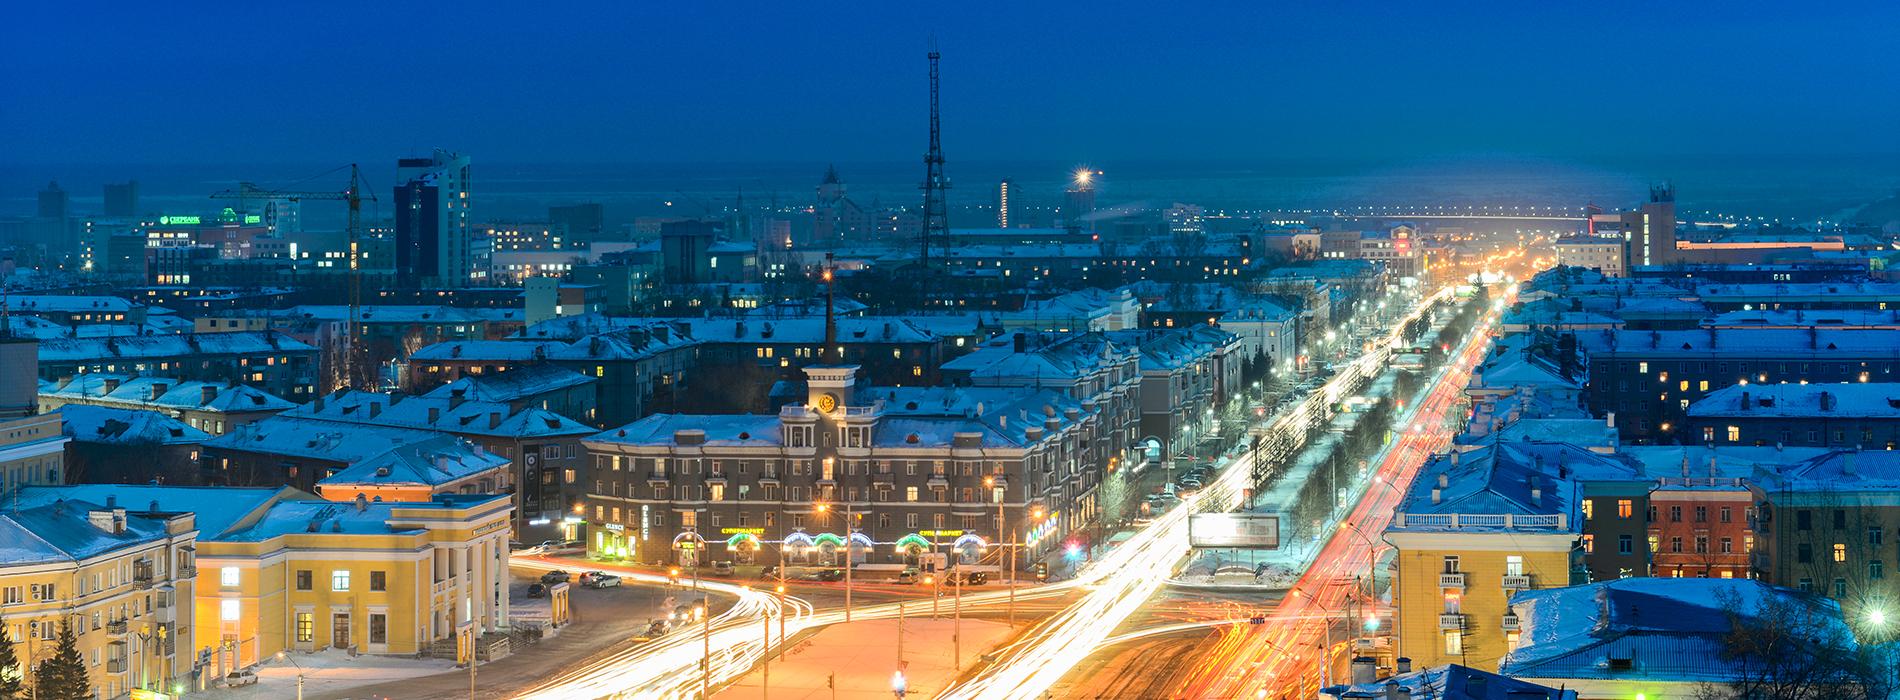 Авиабилеты Ош — Барнаул, купить билеты на самолет туда и обратно